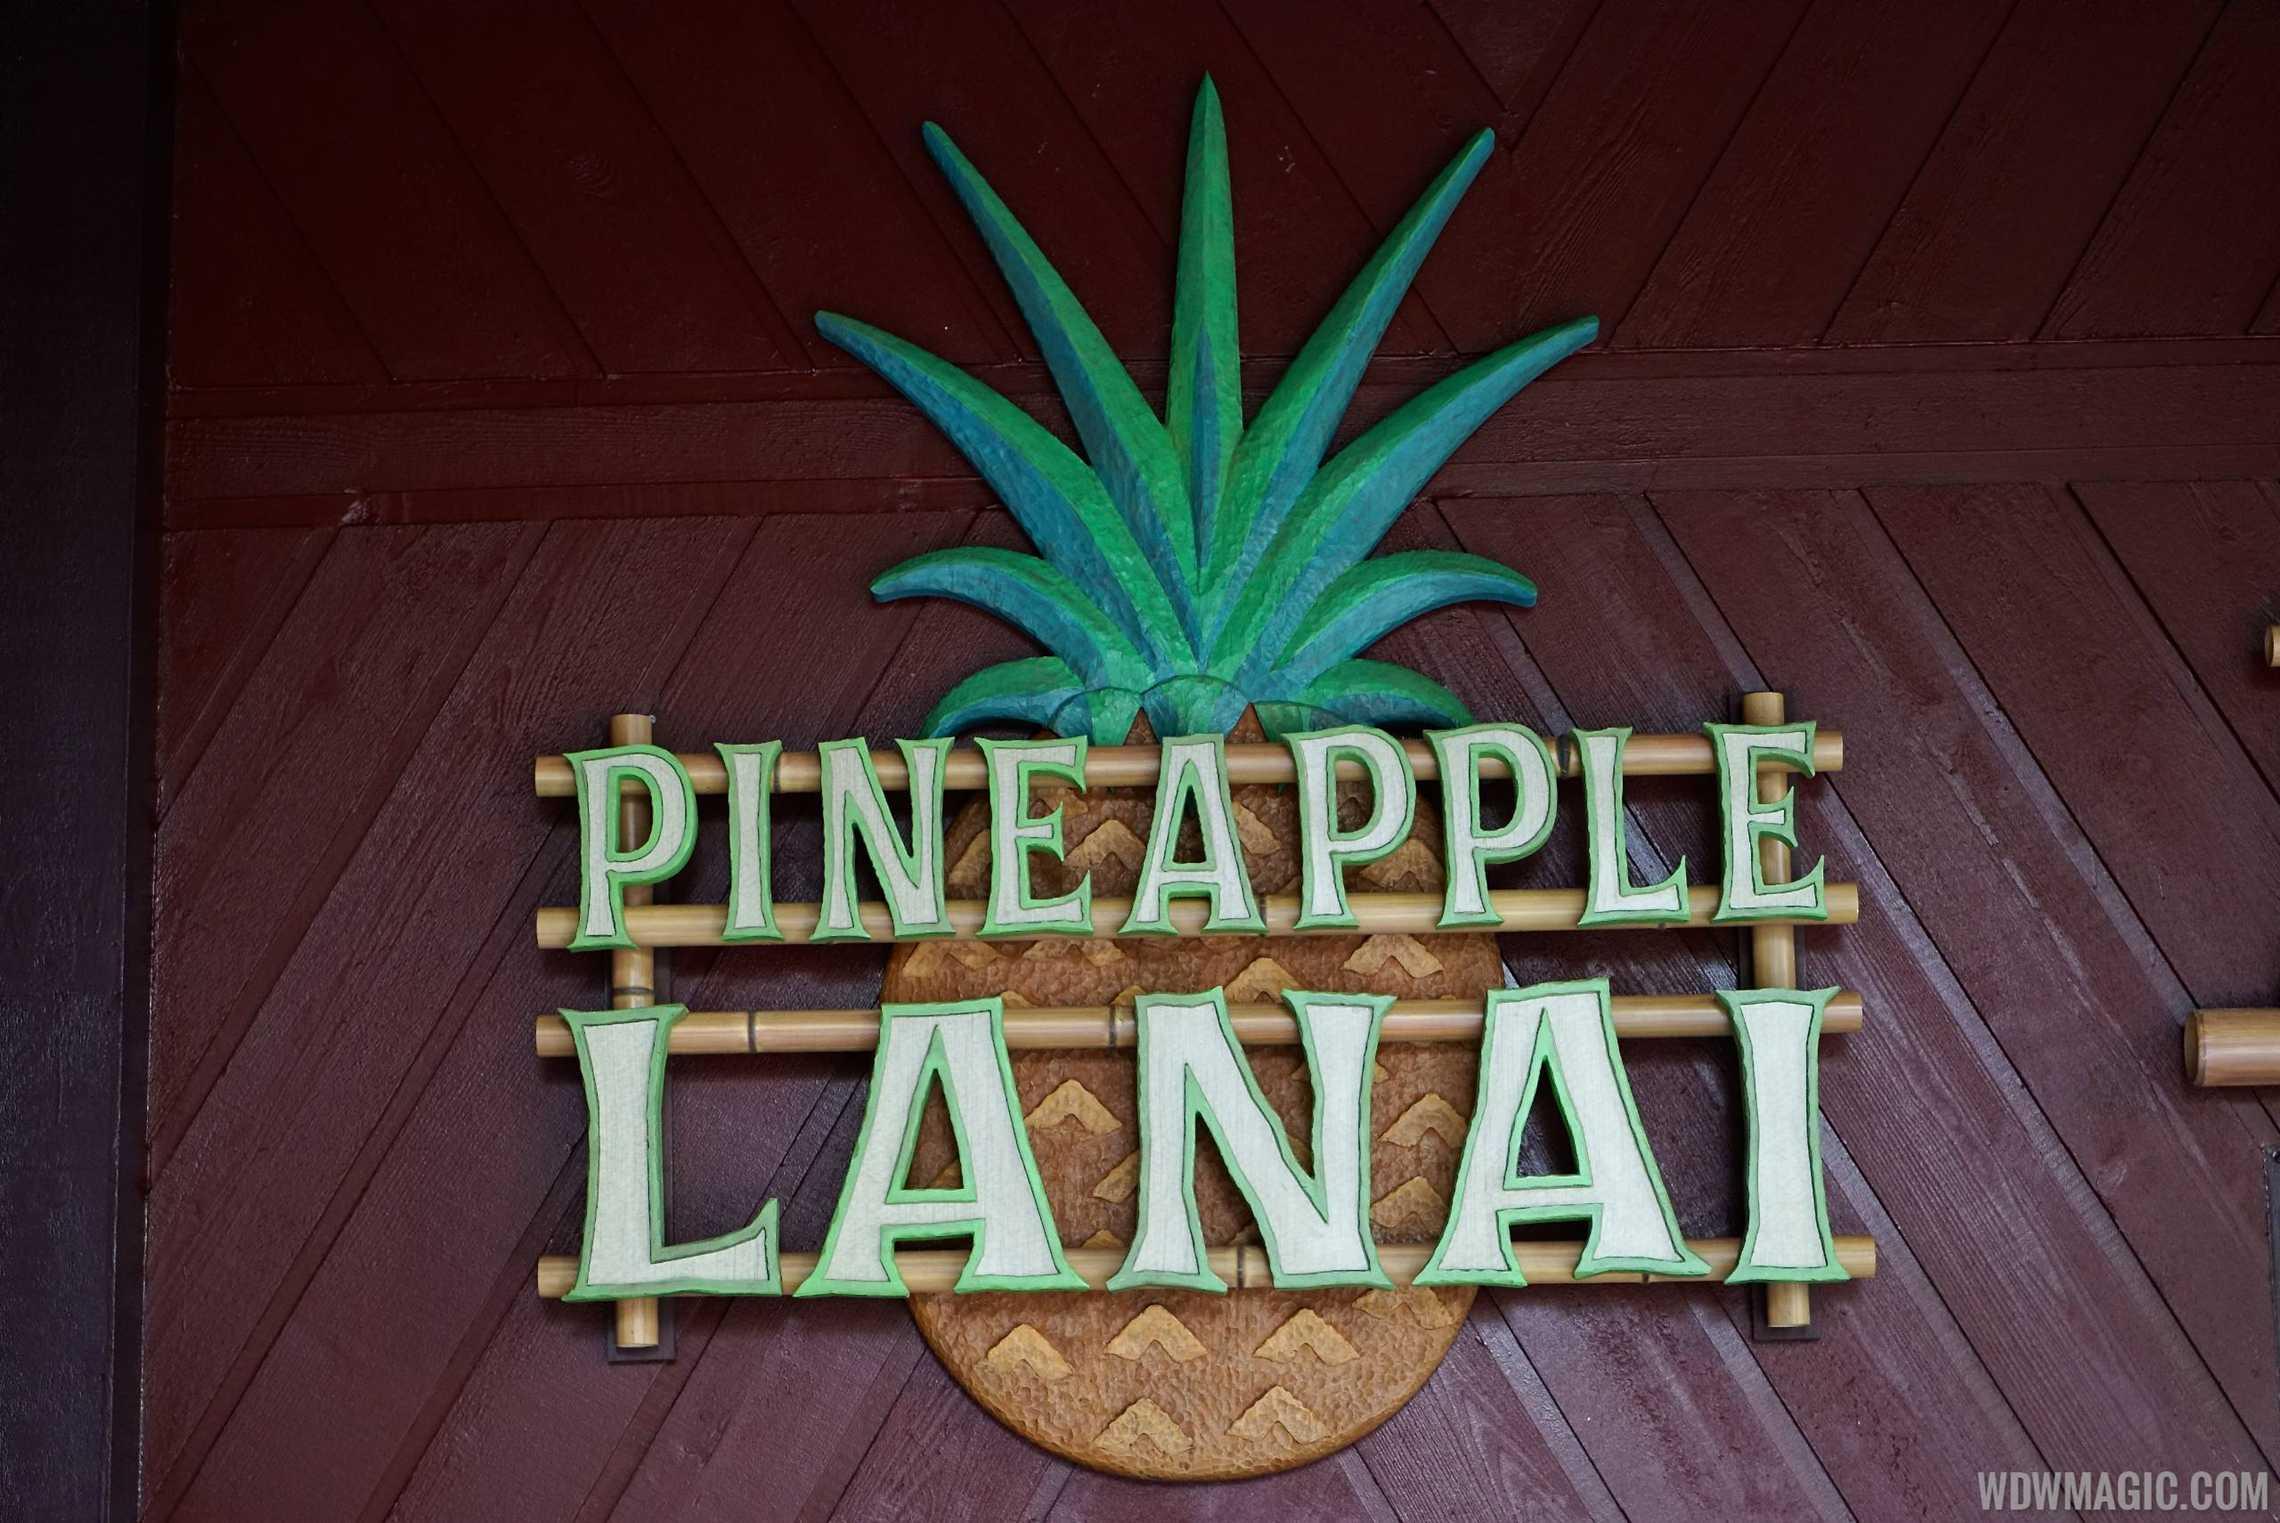 Pineapple Lanai signage